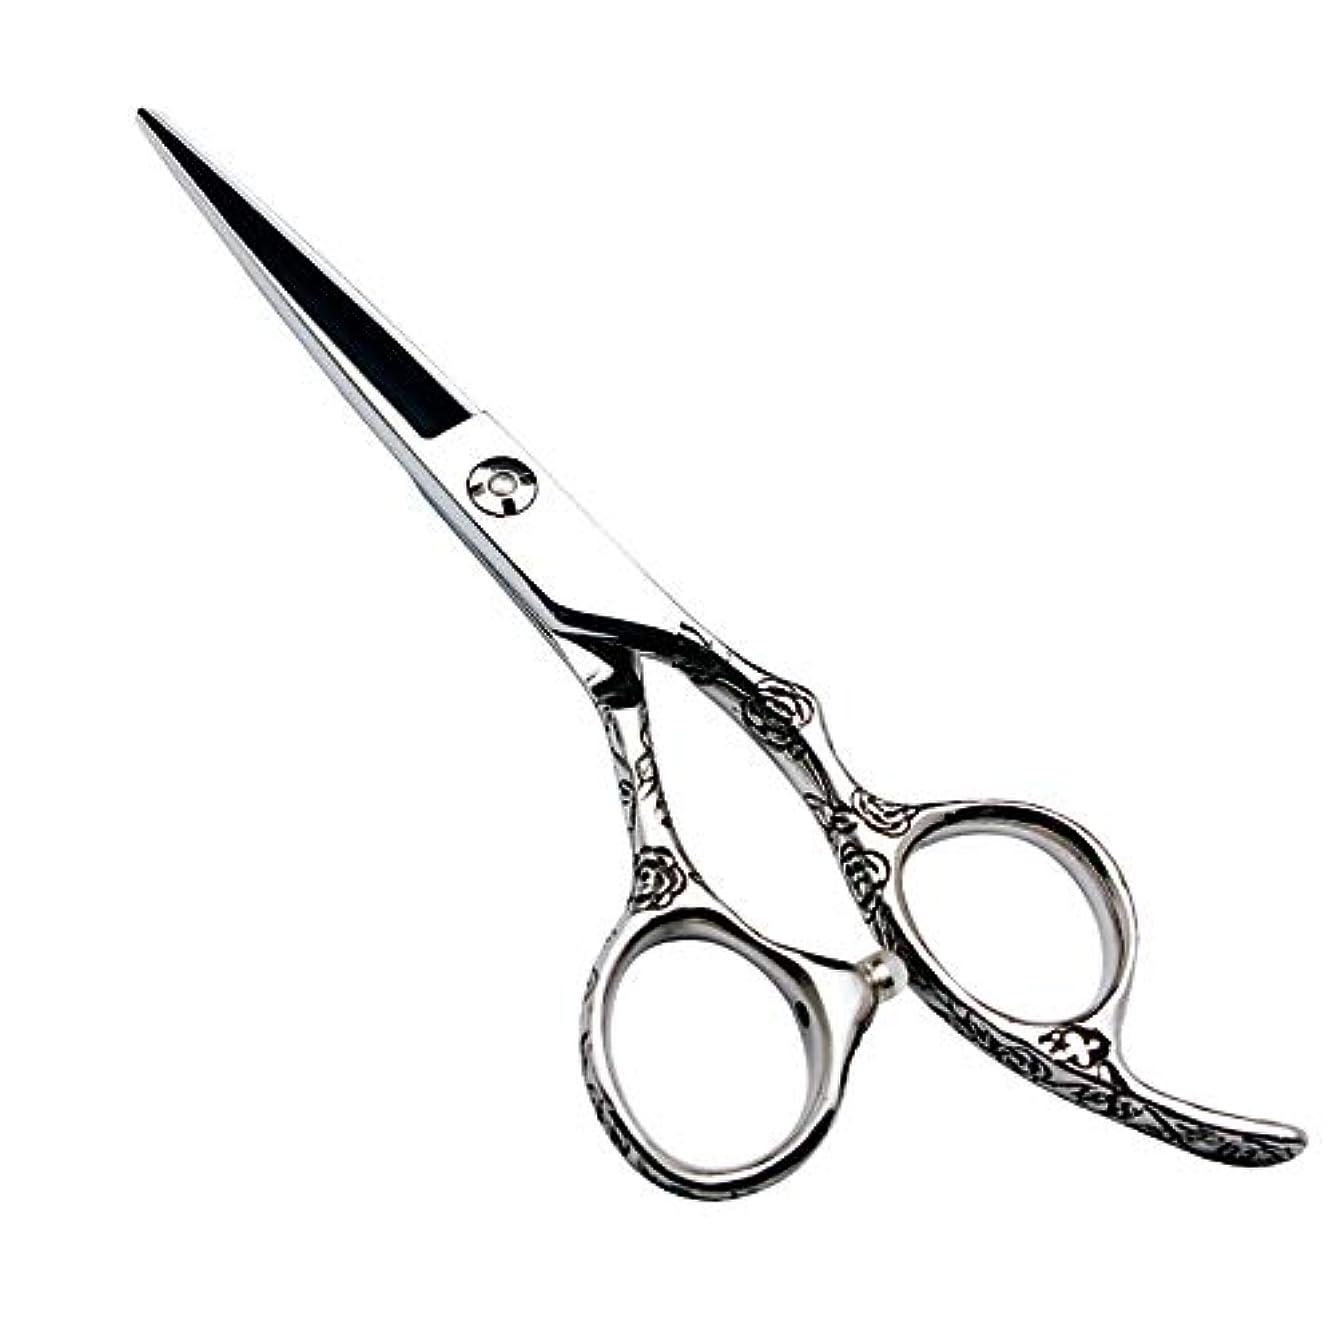 まろやかな市の花囲いGoodsok-jp 6インチの美容院の専門の理髪セットの理髪はさみのローズハンドル440C (色 : Silver)